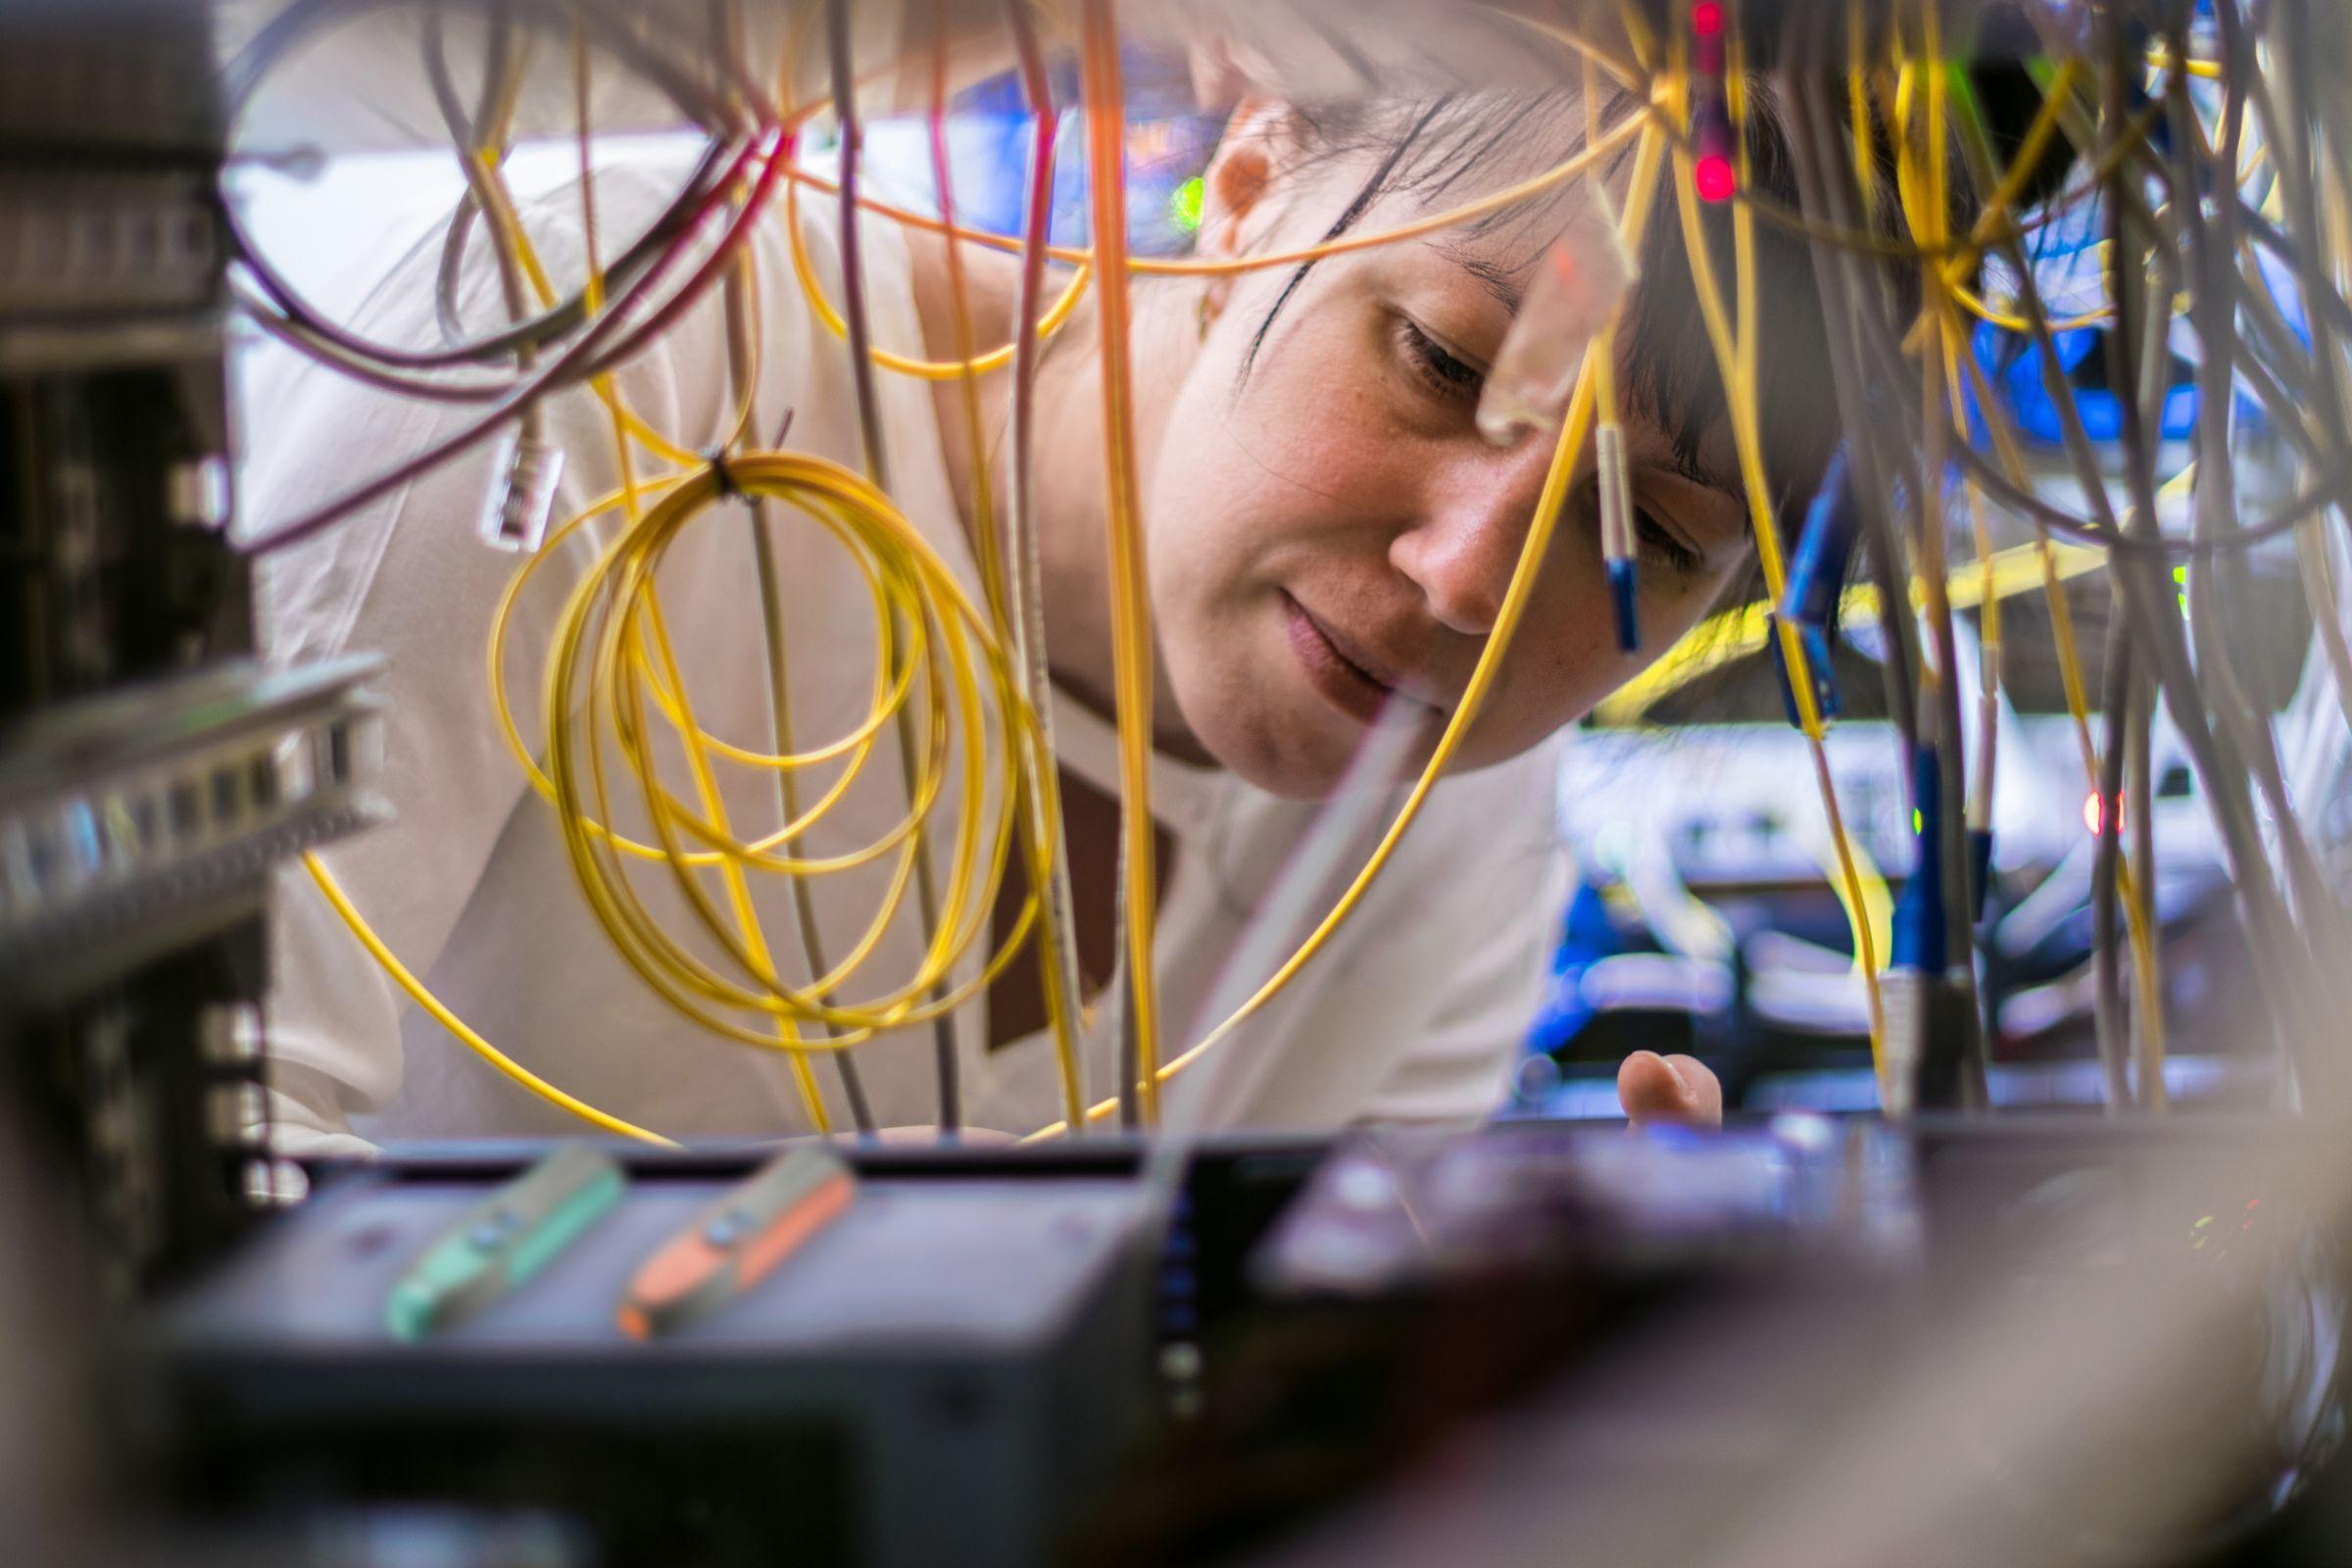 このカテゴリには、BERTテスト、光ファイバーテストハブ、および光学テストツールが含まれます。